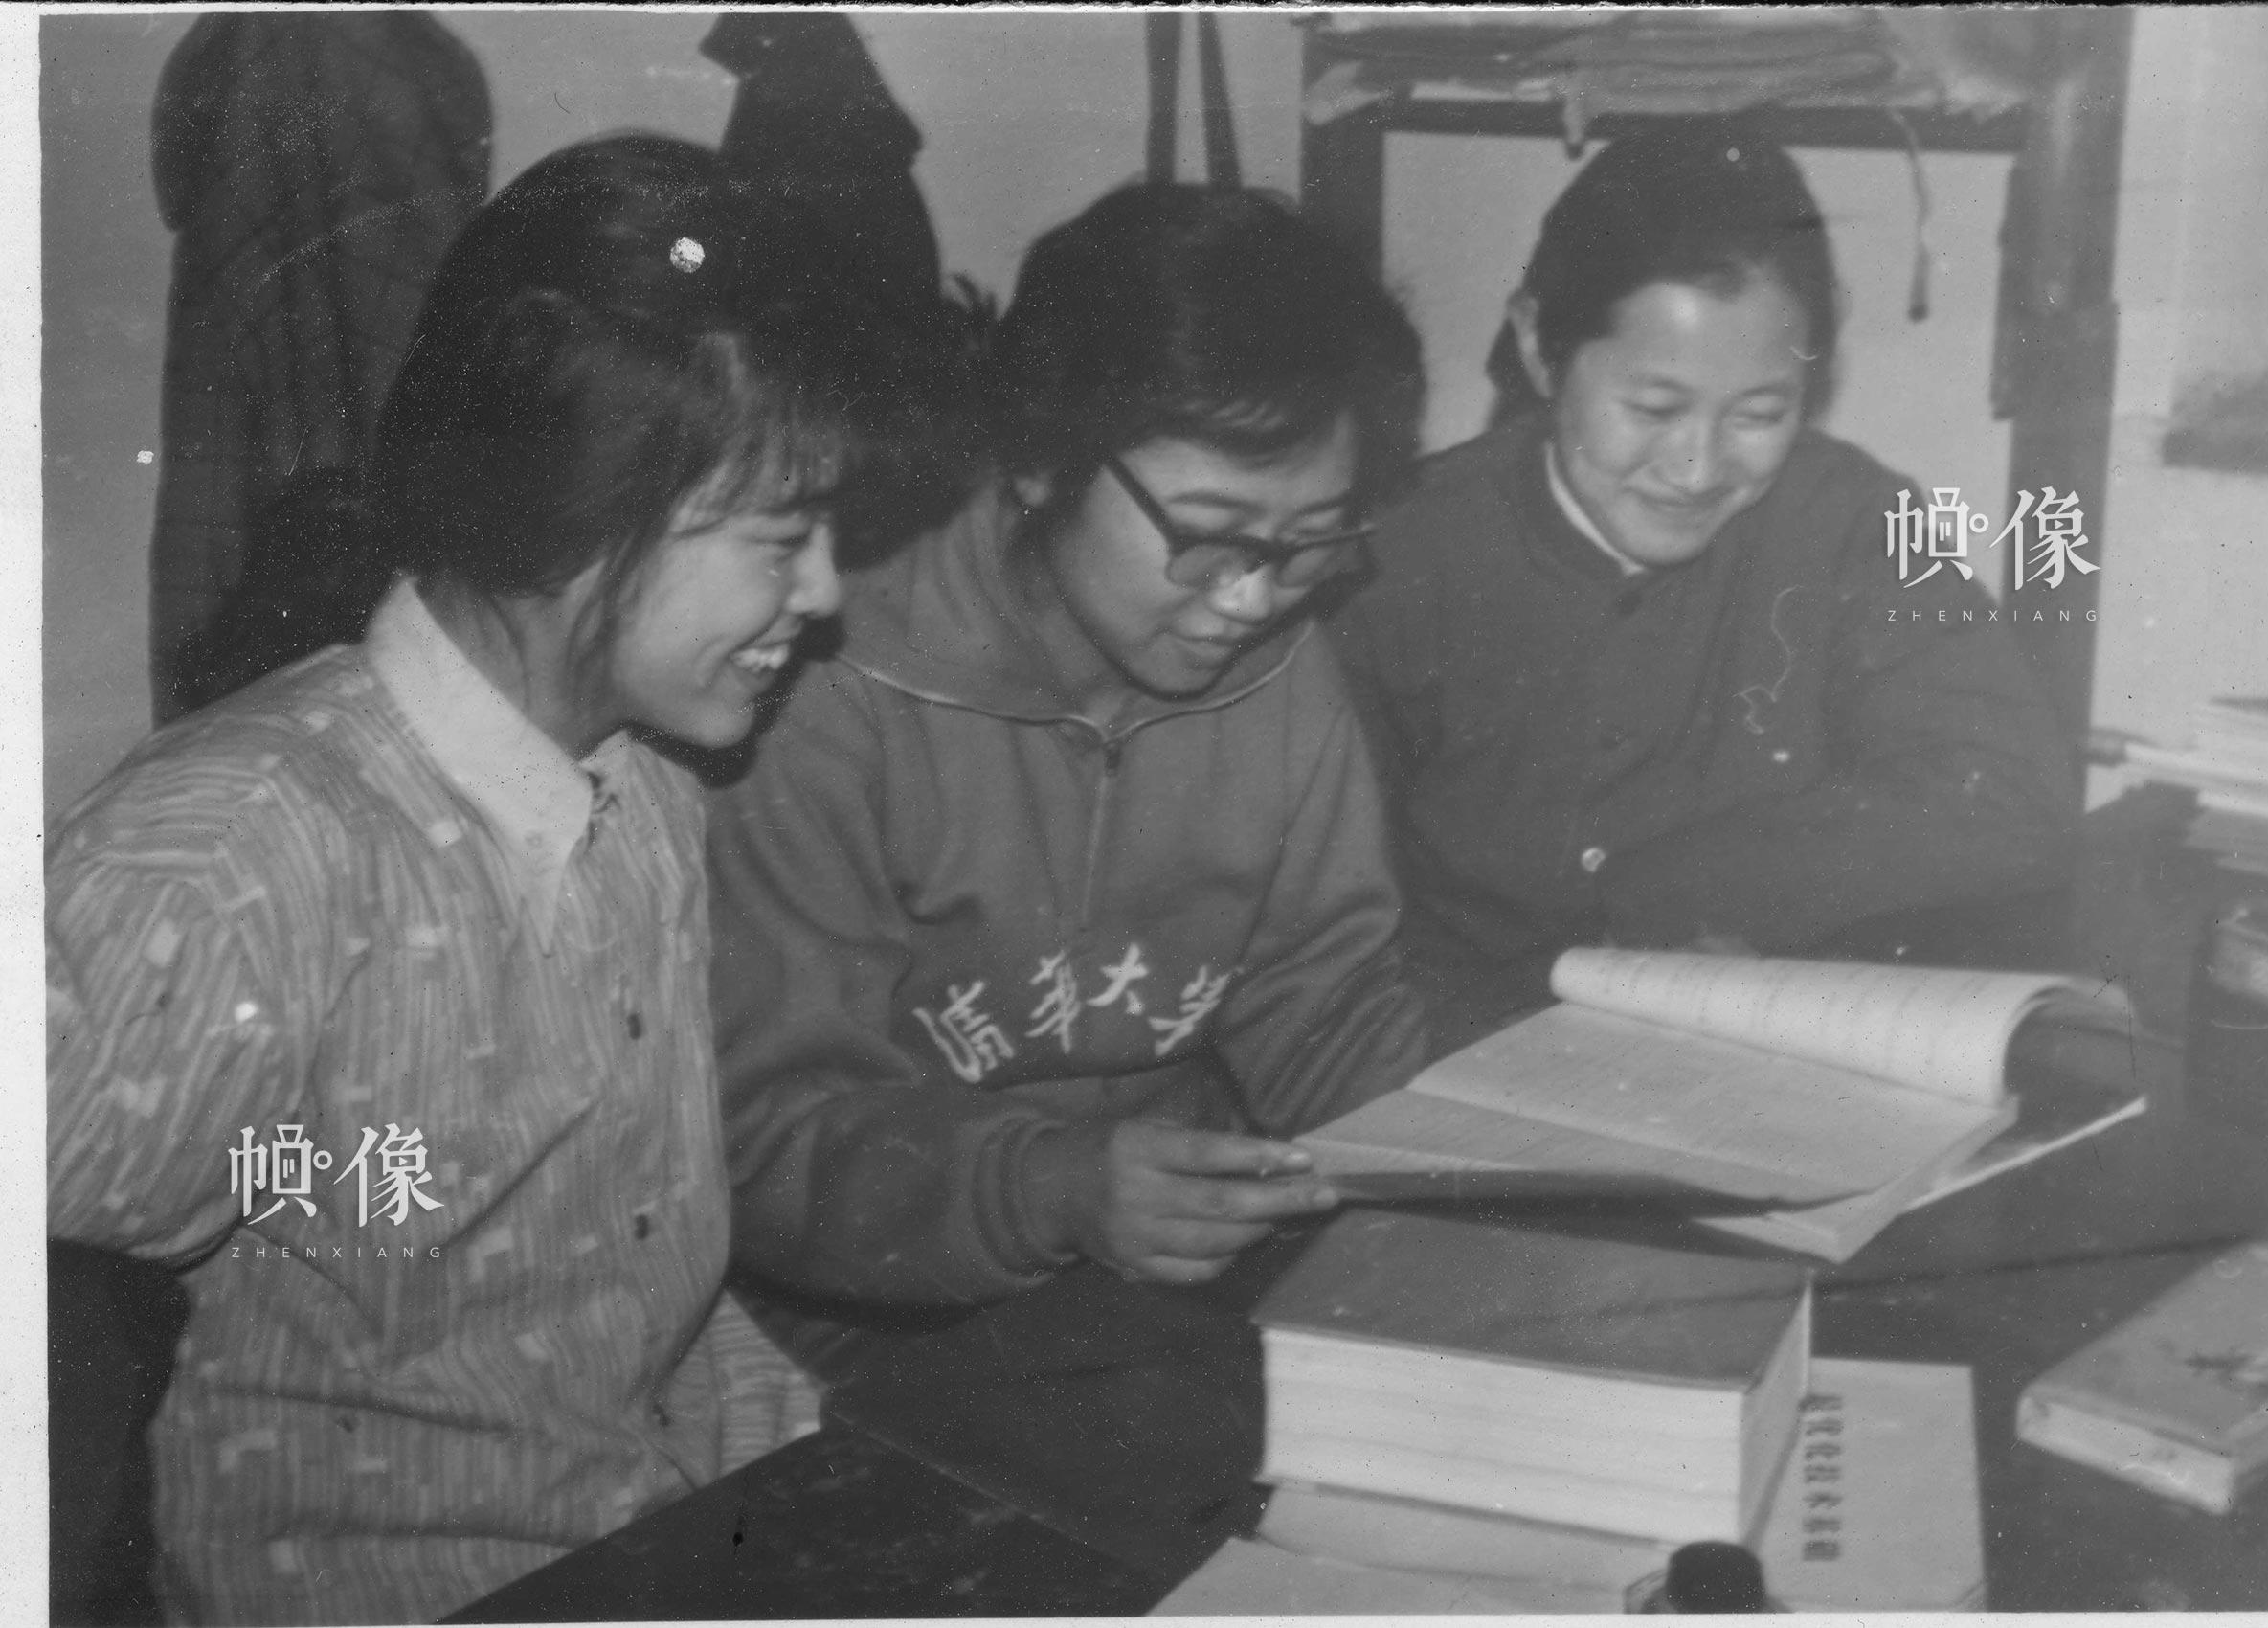 清华大学1977级自动化系学生韩景阳与室友在宿舍内学习。